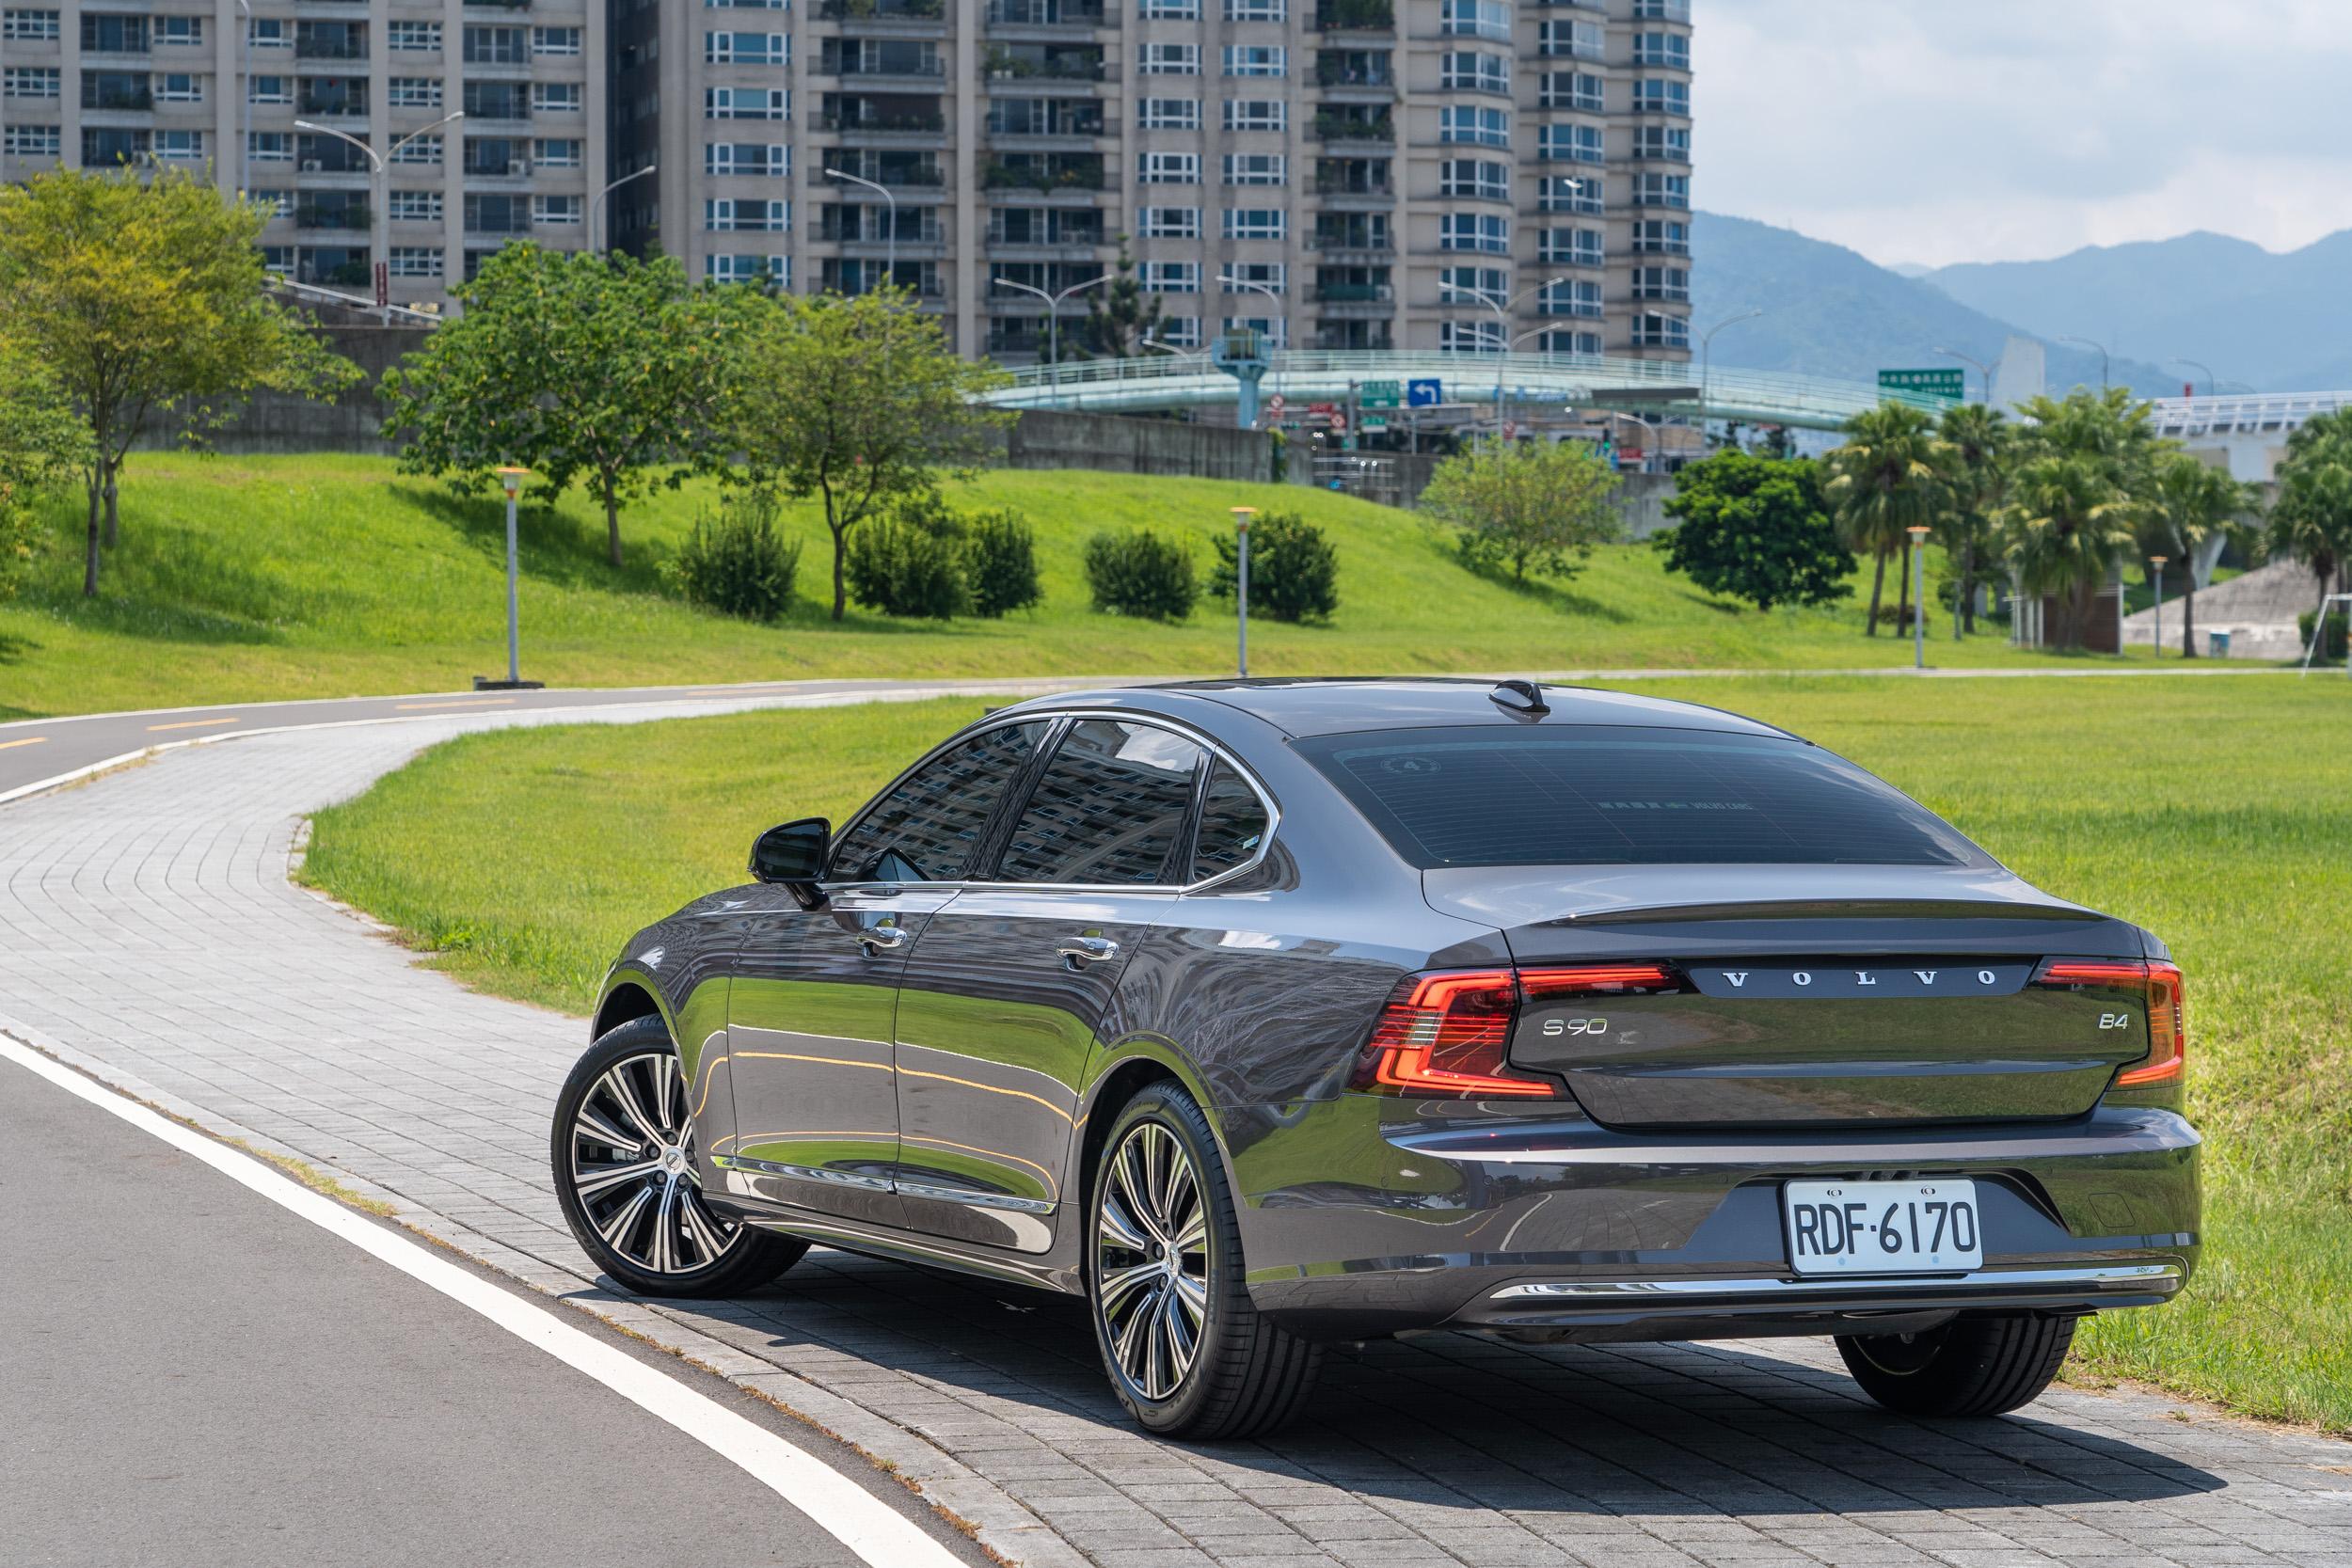 小改款 S90 除了外觀的小針美容以外,導入長軸車型與換上全新輕油電動力也是兩大重點。